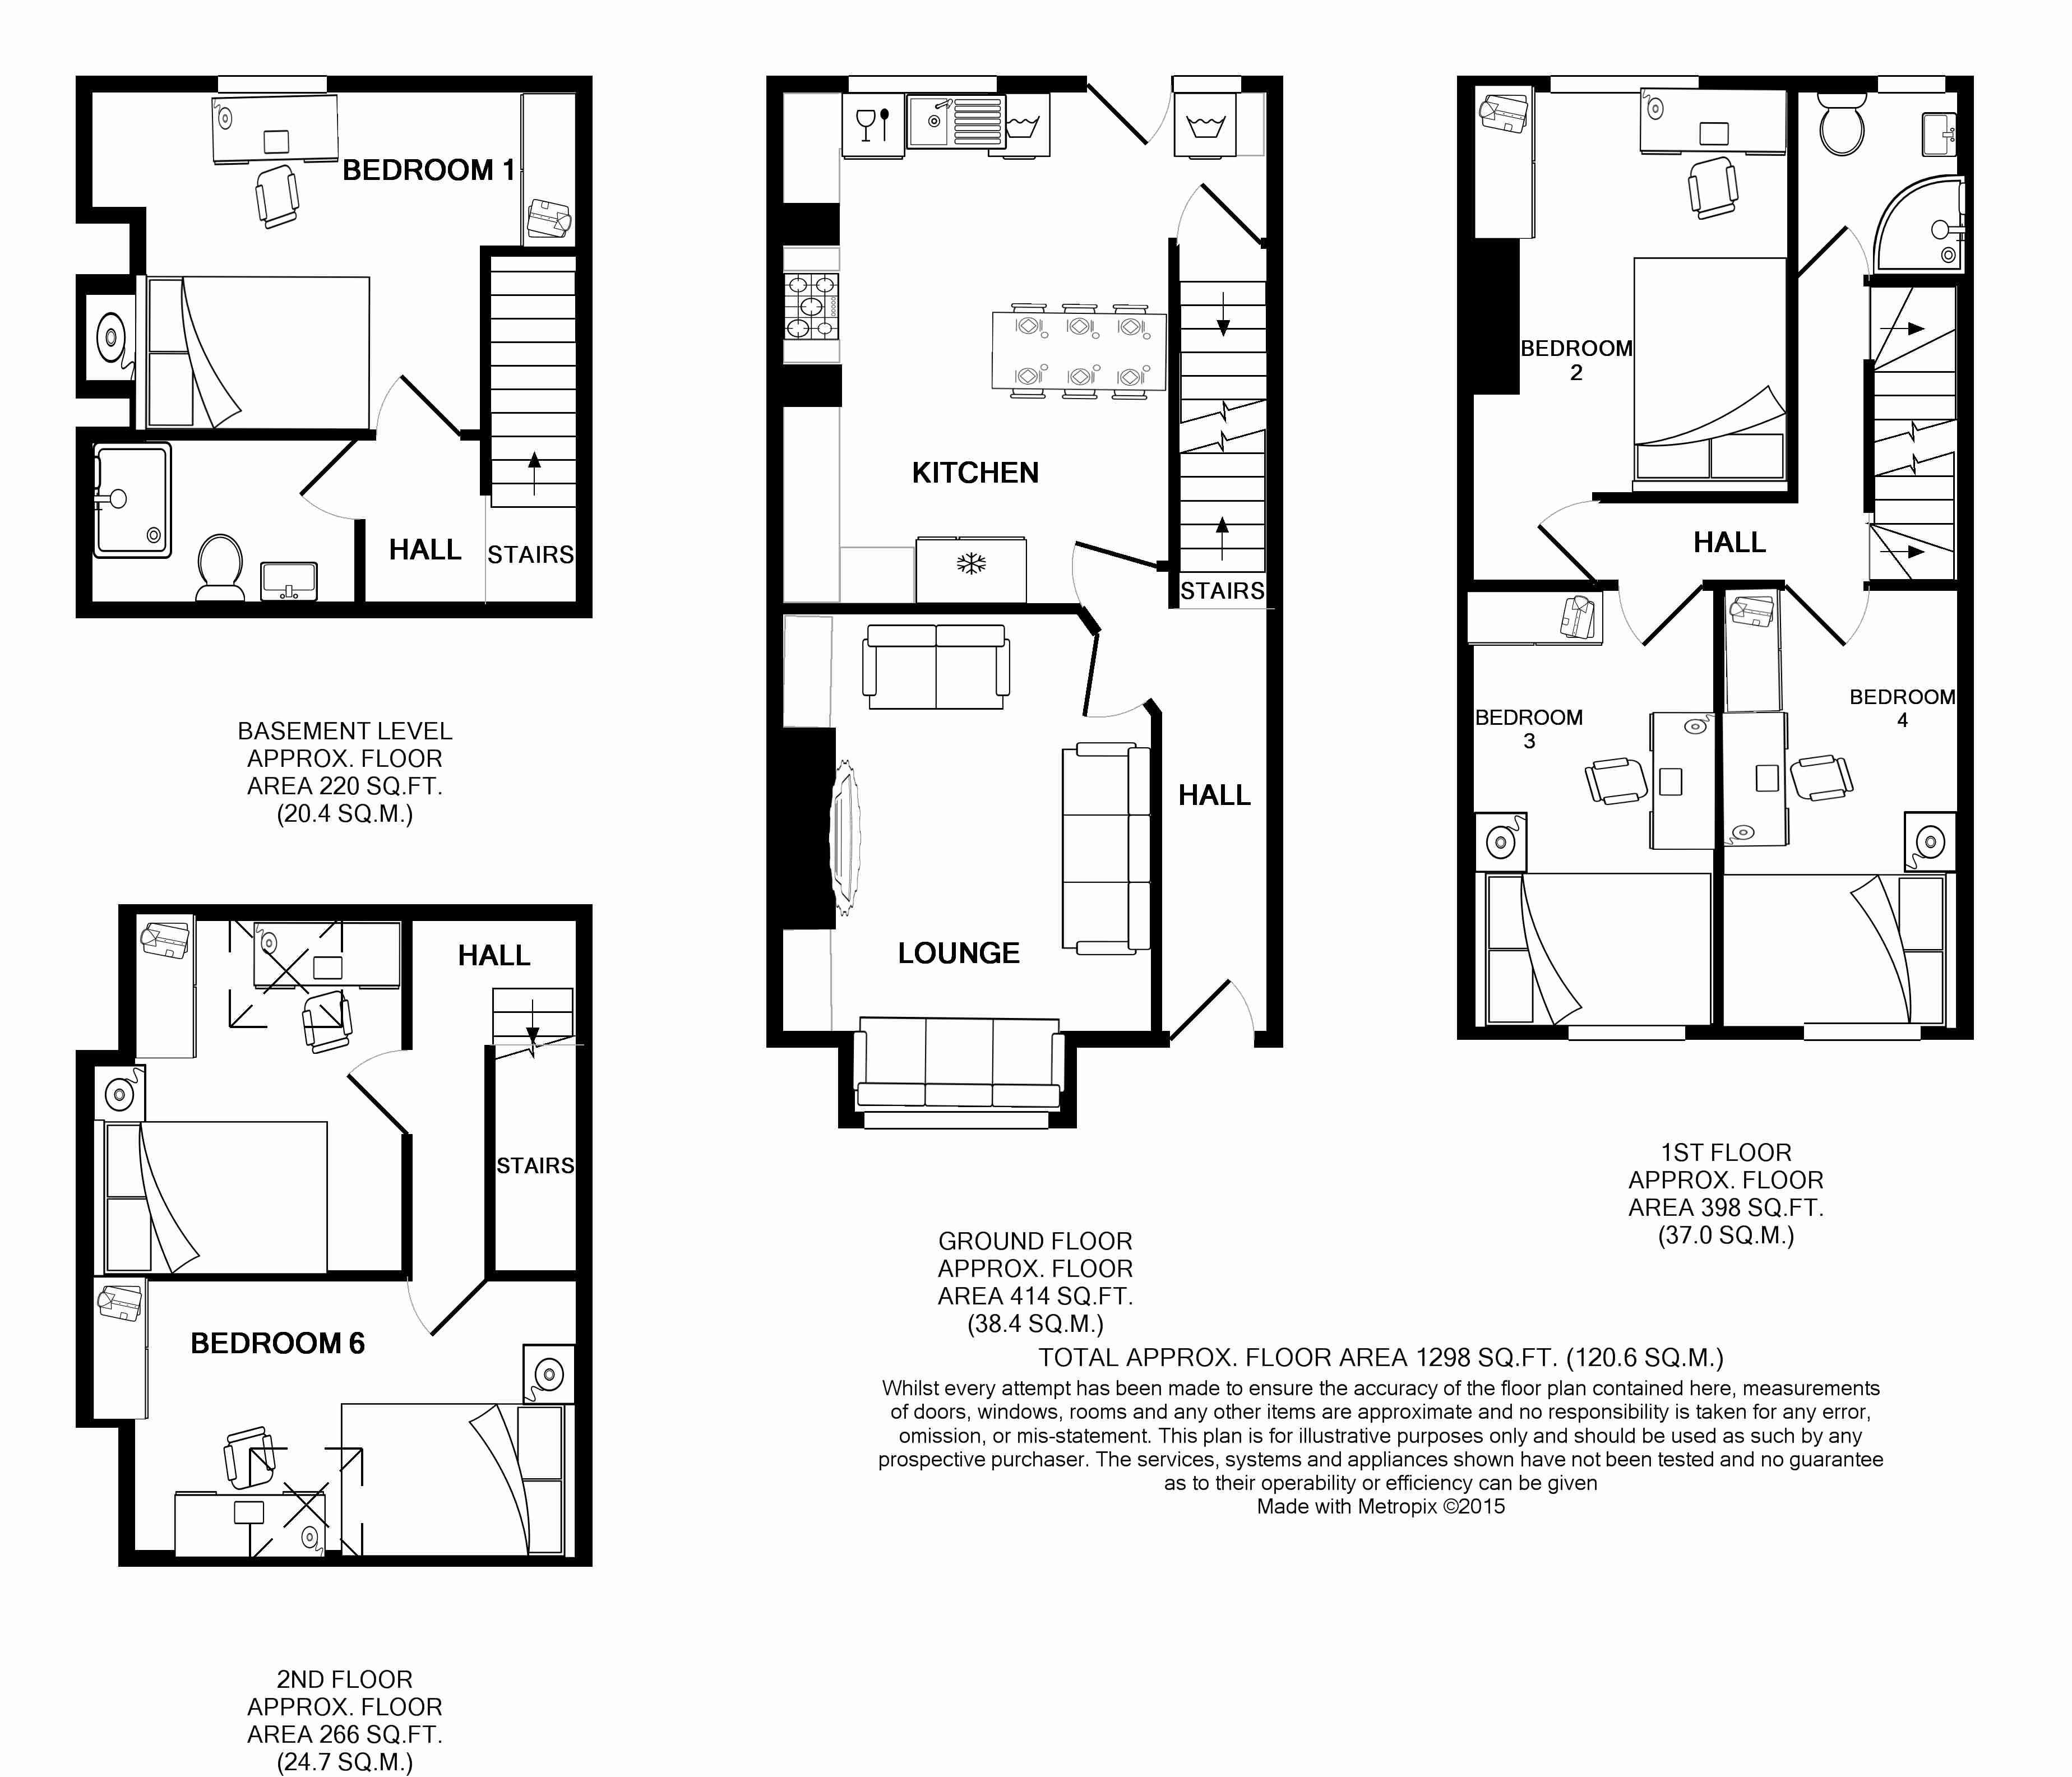 13 Hessle Terrace, Leeds Student House Floorplans